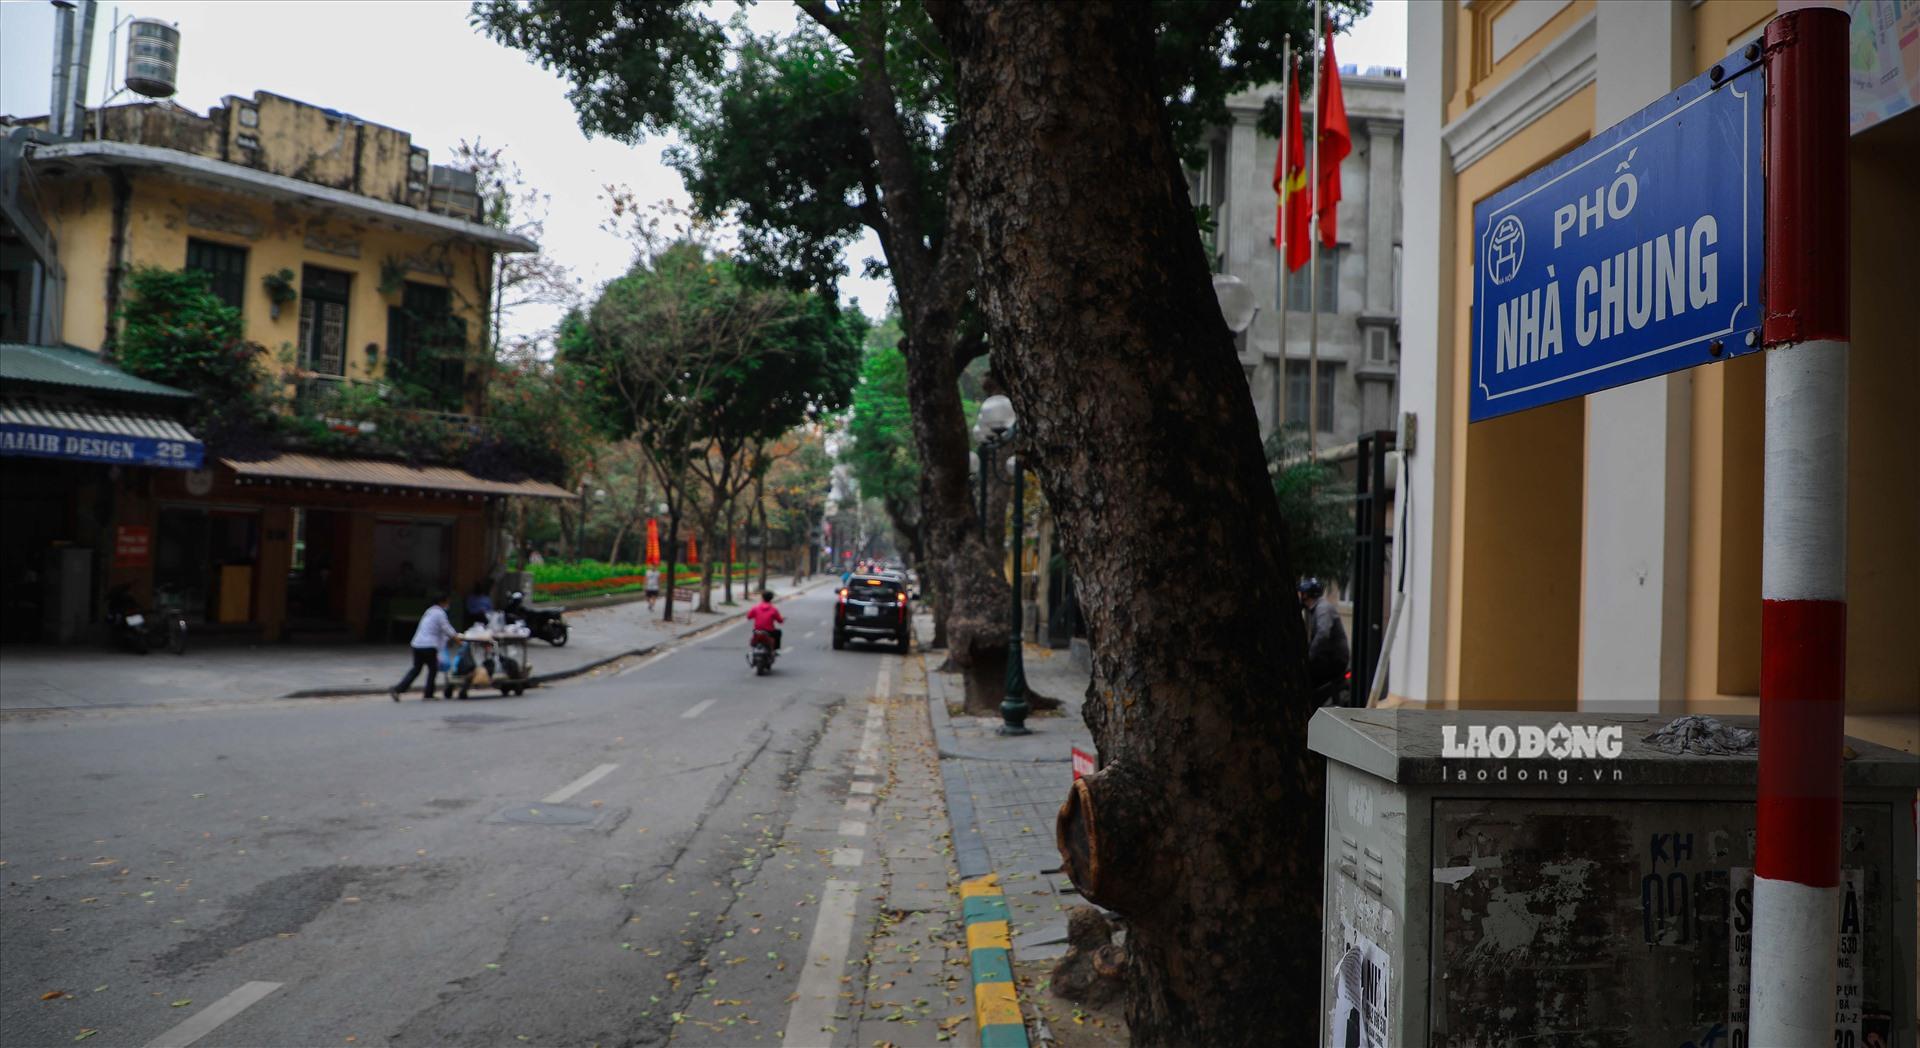 Tuy nhiên, theo khảo sát thực tế và thông tin trên 1 số trang tin bất động sản, giá đất tại nhiều tuyến phố nội thành Hà Nội cao gấp nhiều lần so với mức niêm yết của UBND. Dẫn đầu danh sách những tuyến phố đắt nhất thuộc đang là phố Nhà Chung (970 triệu/m2).